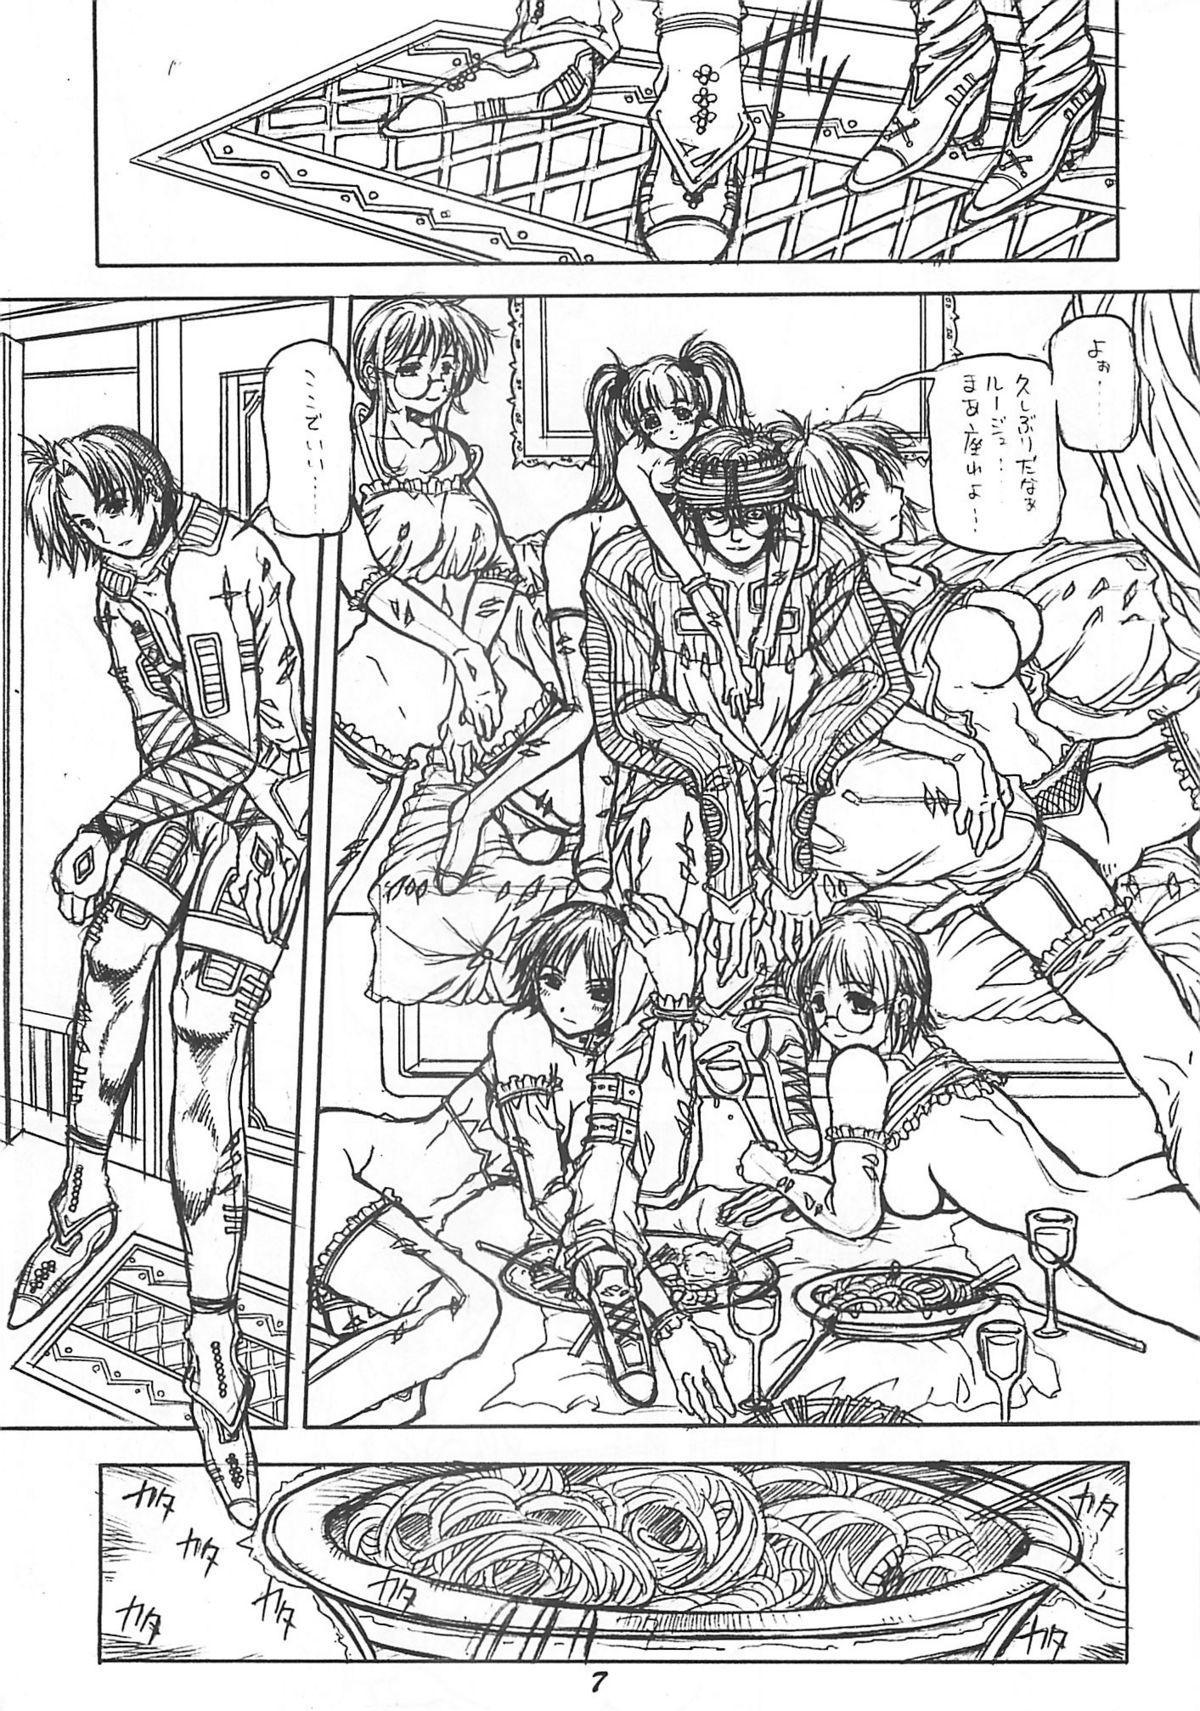 [Virgin Virus (Matsumi Jun)] Fukakutei Youso to Jinrui Kyuushi gaku no Mechanism ni kansuru Suitei Ronri (Kari) EPISODE MARY [5th Edition] 5